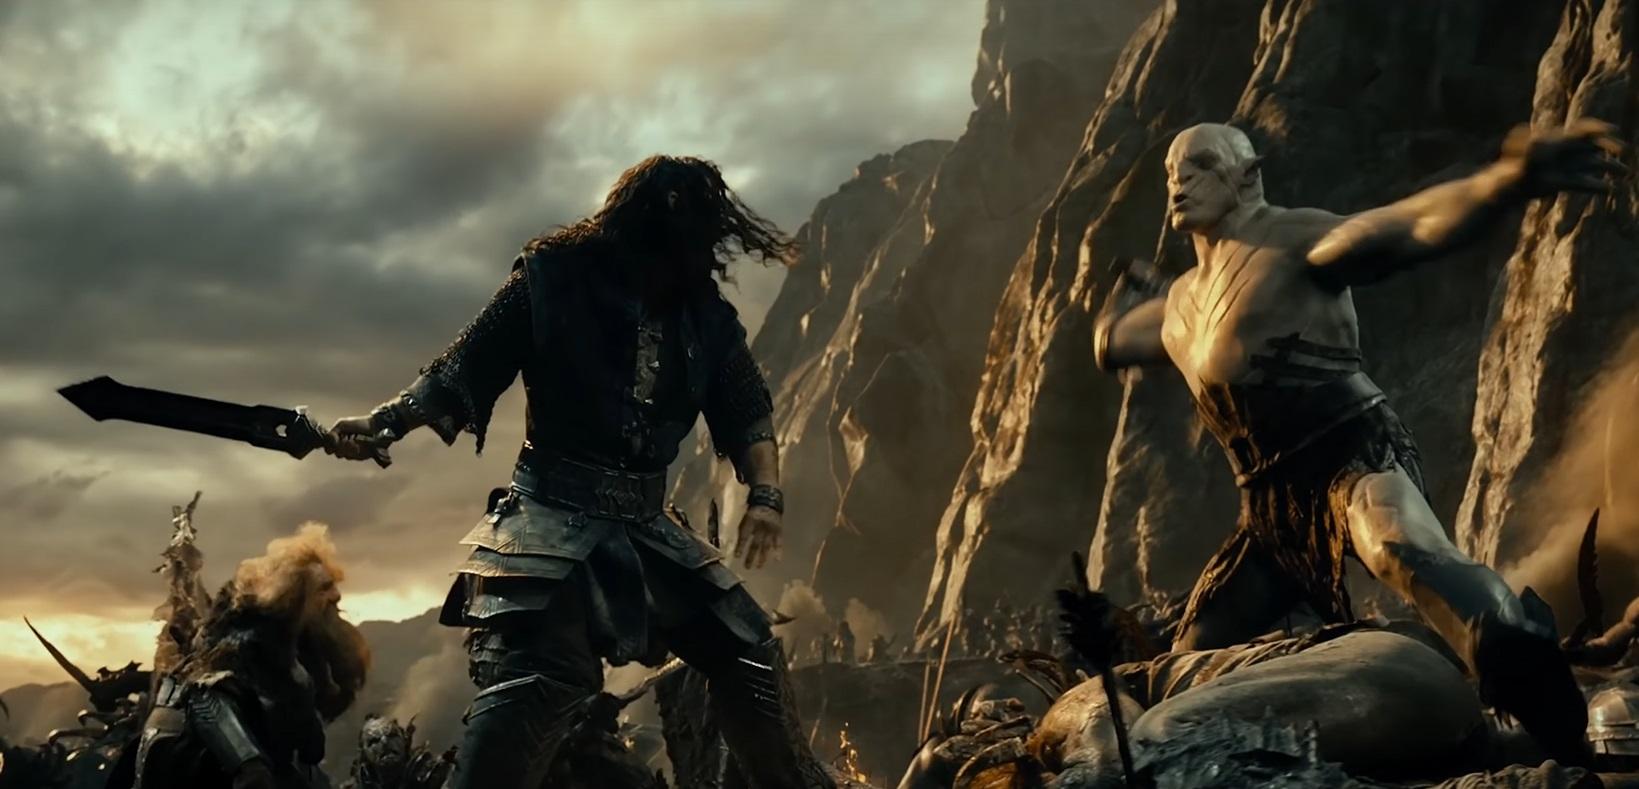 File:The Hobbit Thorin vs Azog.jpg